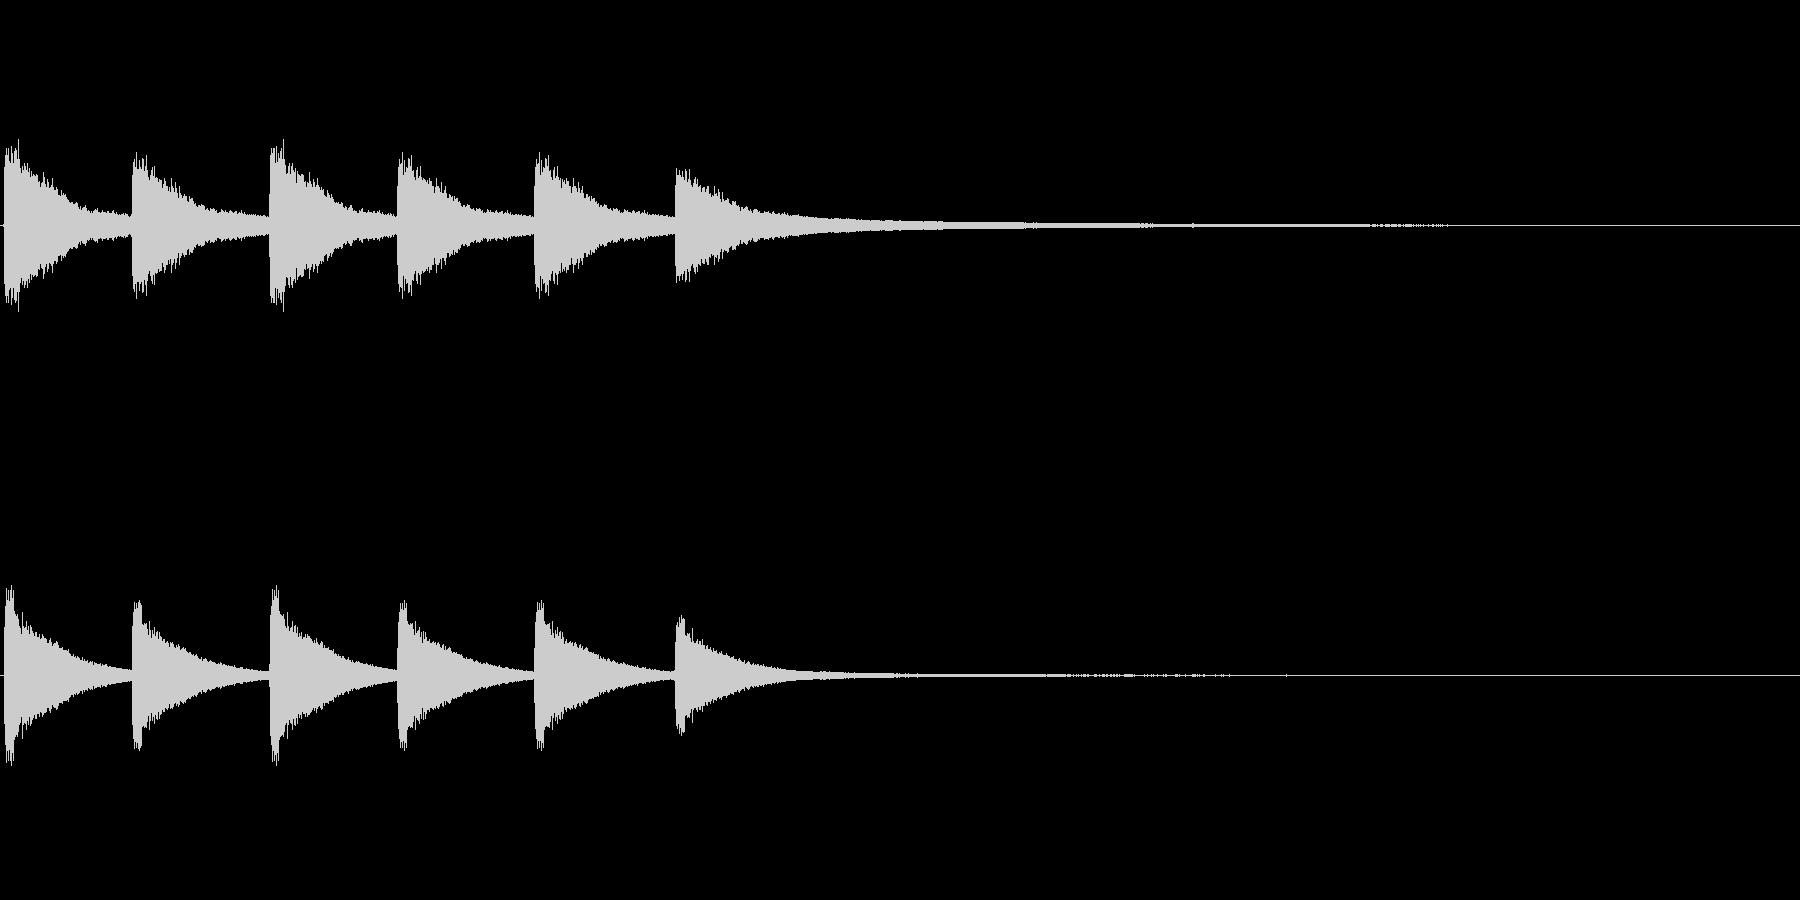 教会の鐘1 (ゴーン…ゴーン…)の未再生の波形